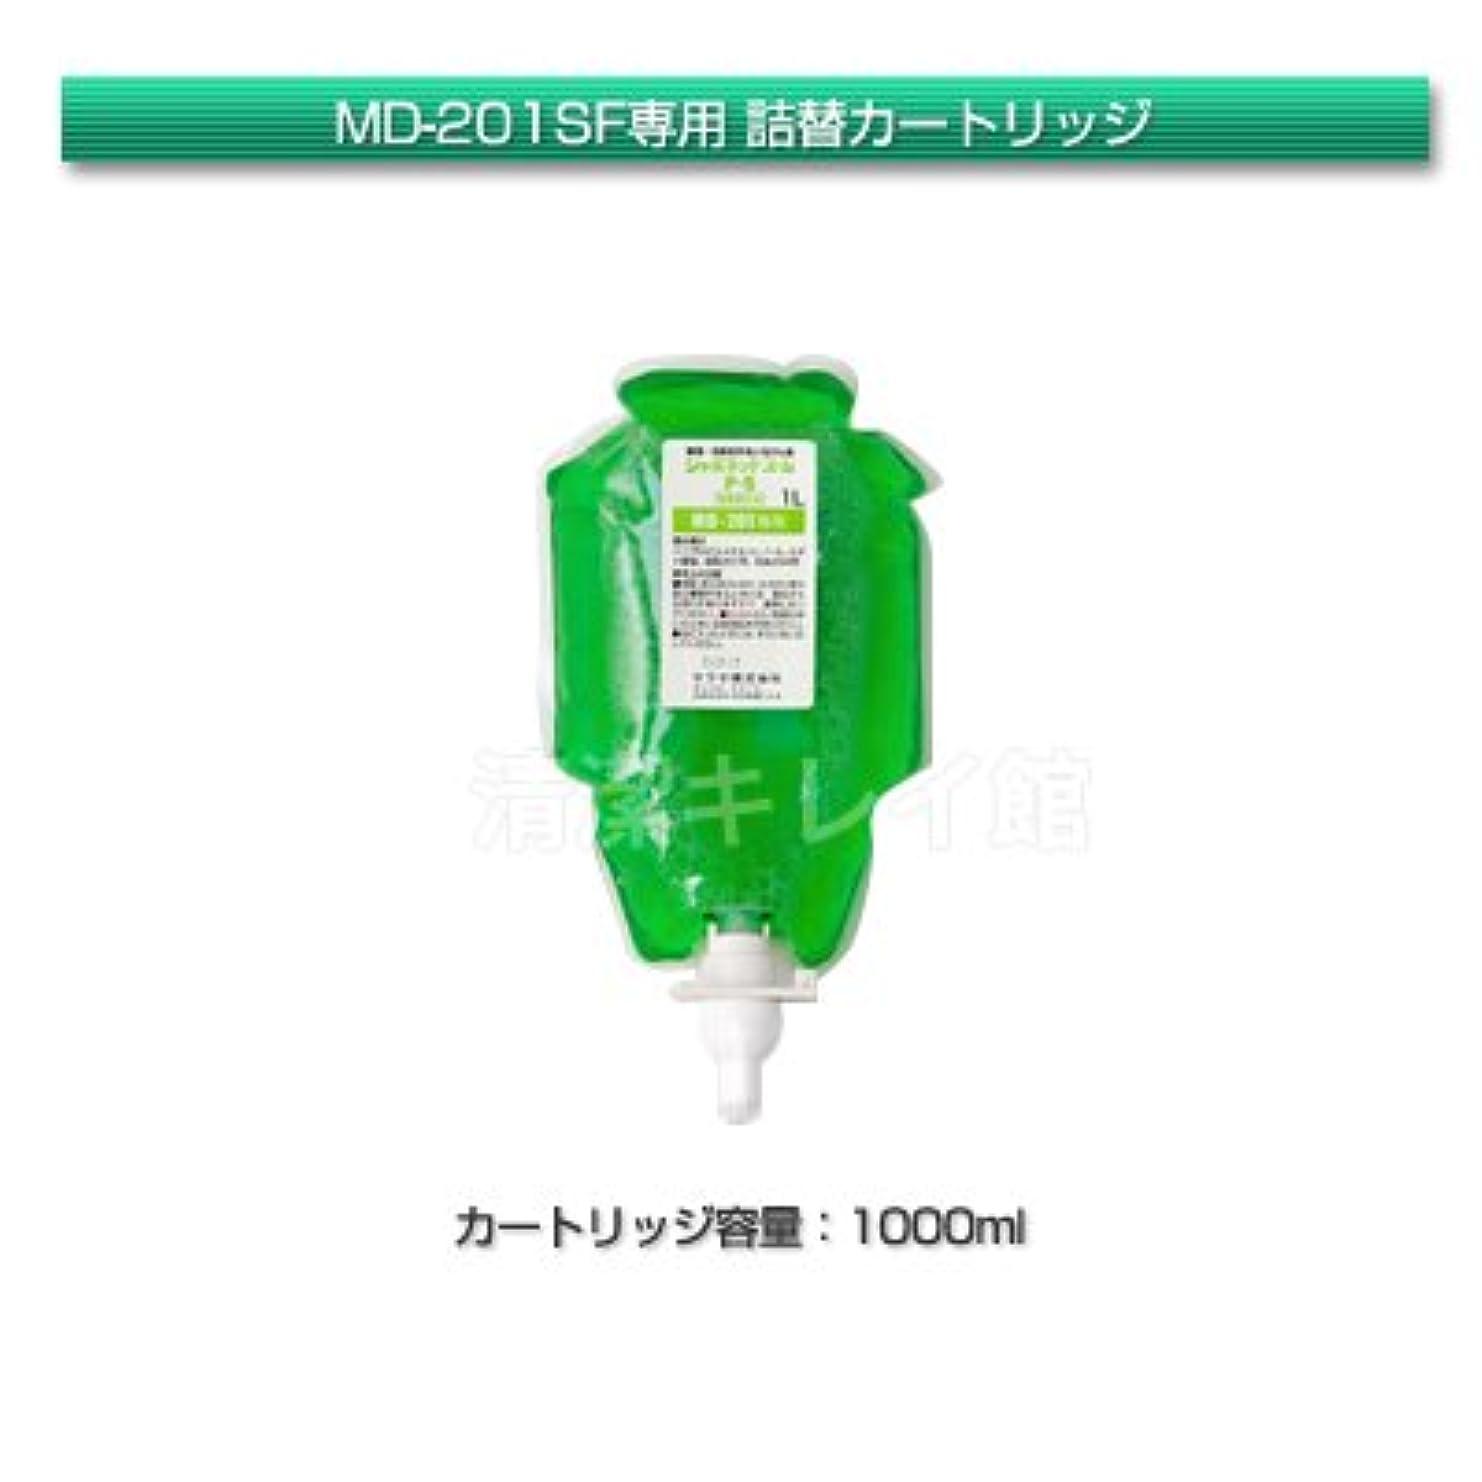 それに応じて可愛い塗抹サラヤ プッシュ式石鹸液 MD-201SF(泡)専用カートリッジ(ユムP-5)1000ml【清潔キレイ館】